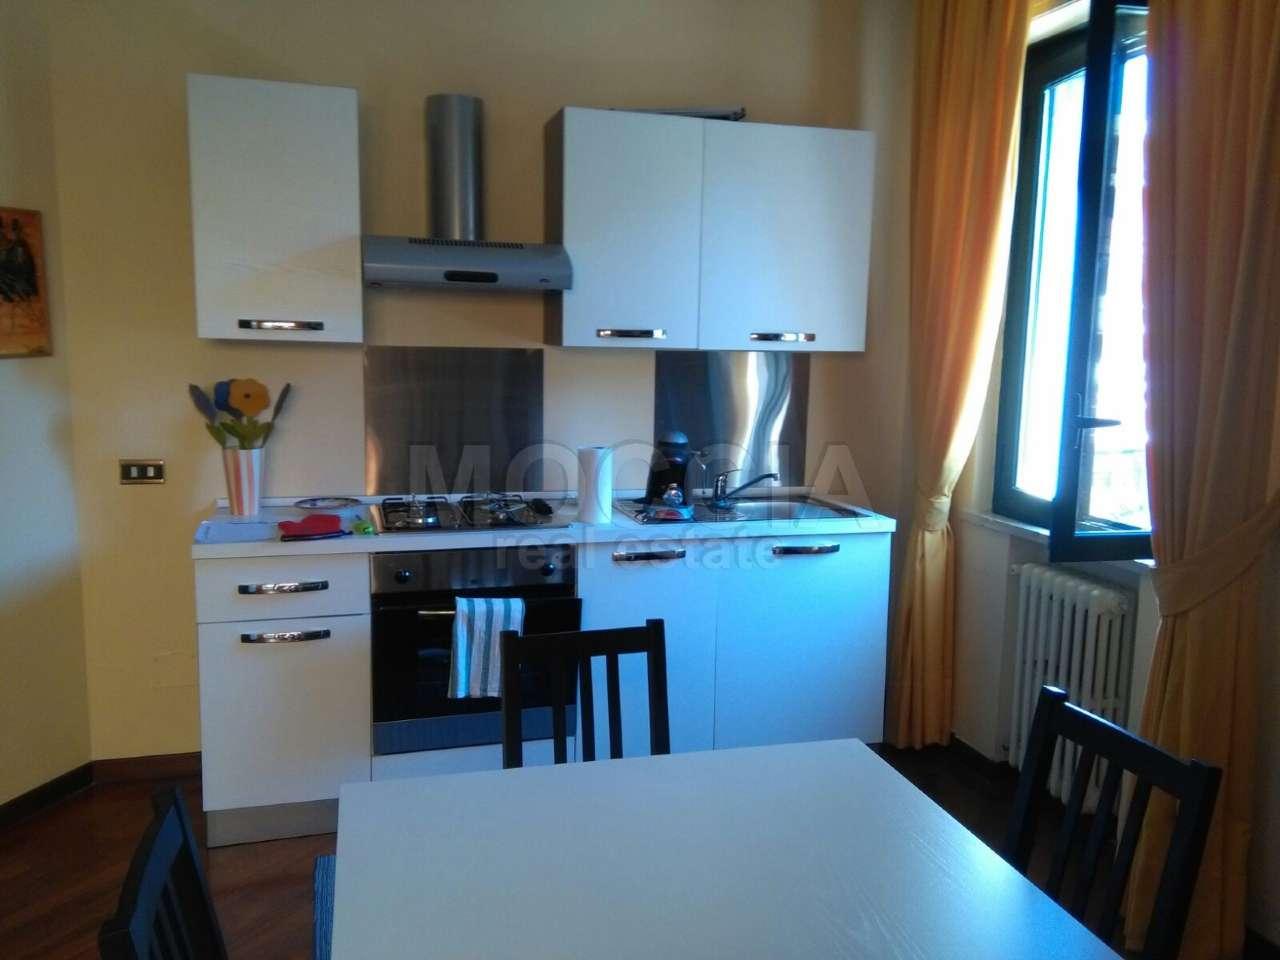 Appartamenti bilocali in affitto a caserta for Affitto caserta arredato